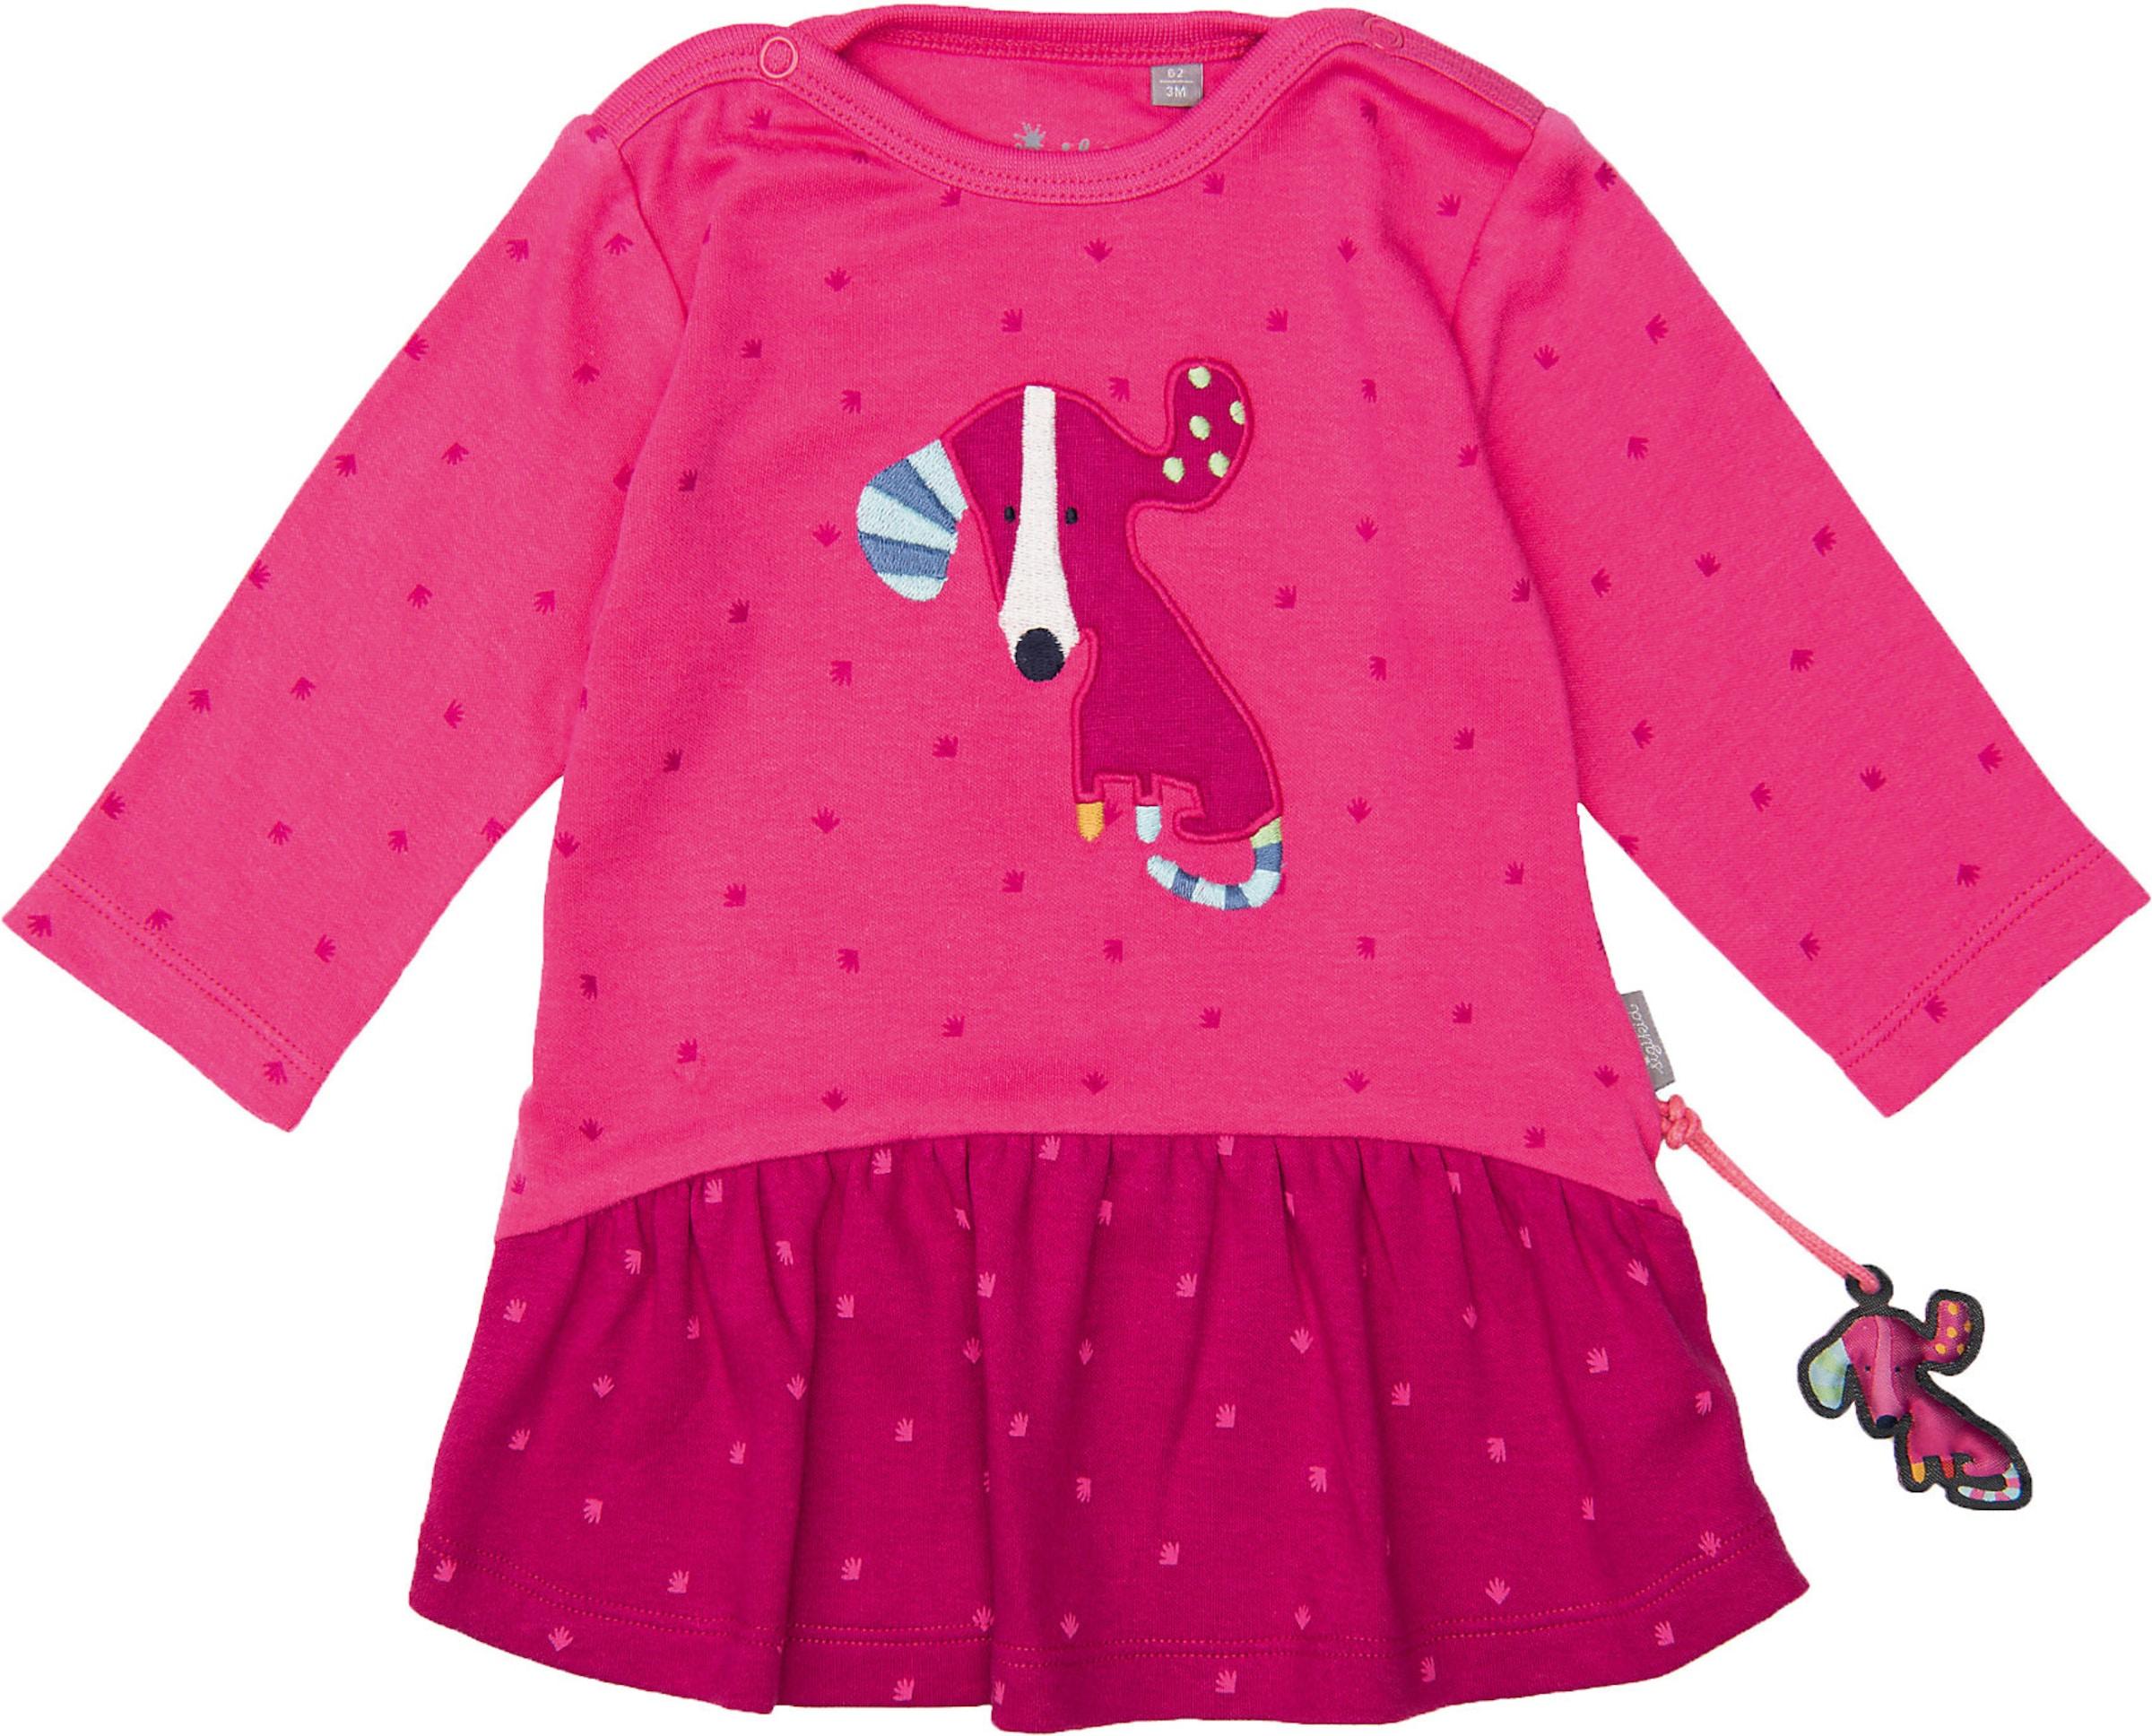 Kinder,  Mädchen,  Kinder SIGIKID Jerseykleid blau, blau,  grau,  weiß, rosa, schwarz | 04045646152153